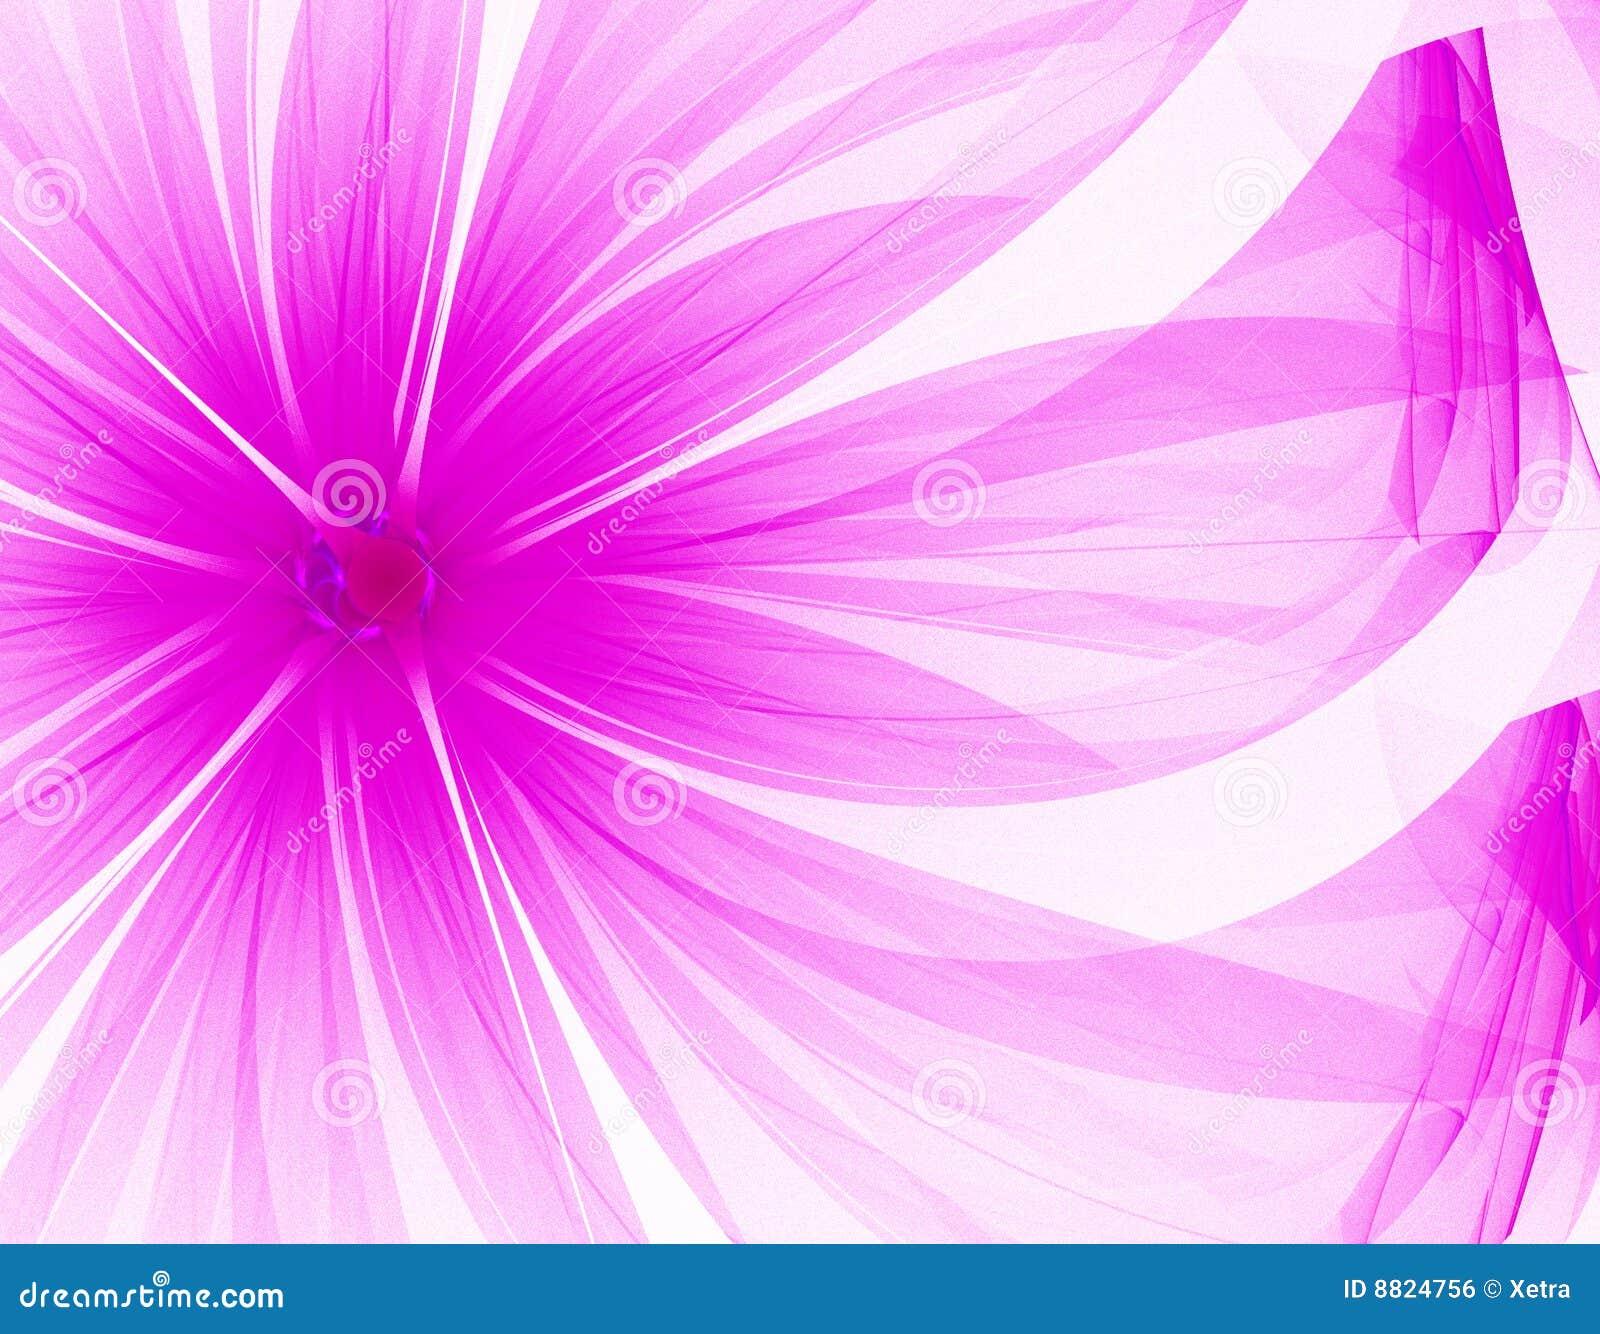 Very Nice Purple Flower Royalty Free Stock Image